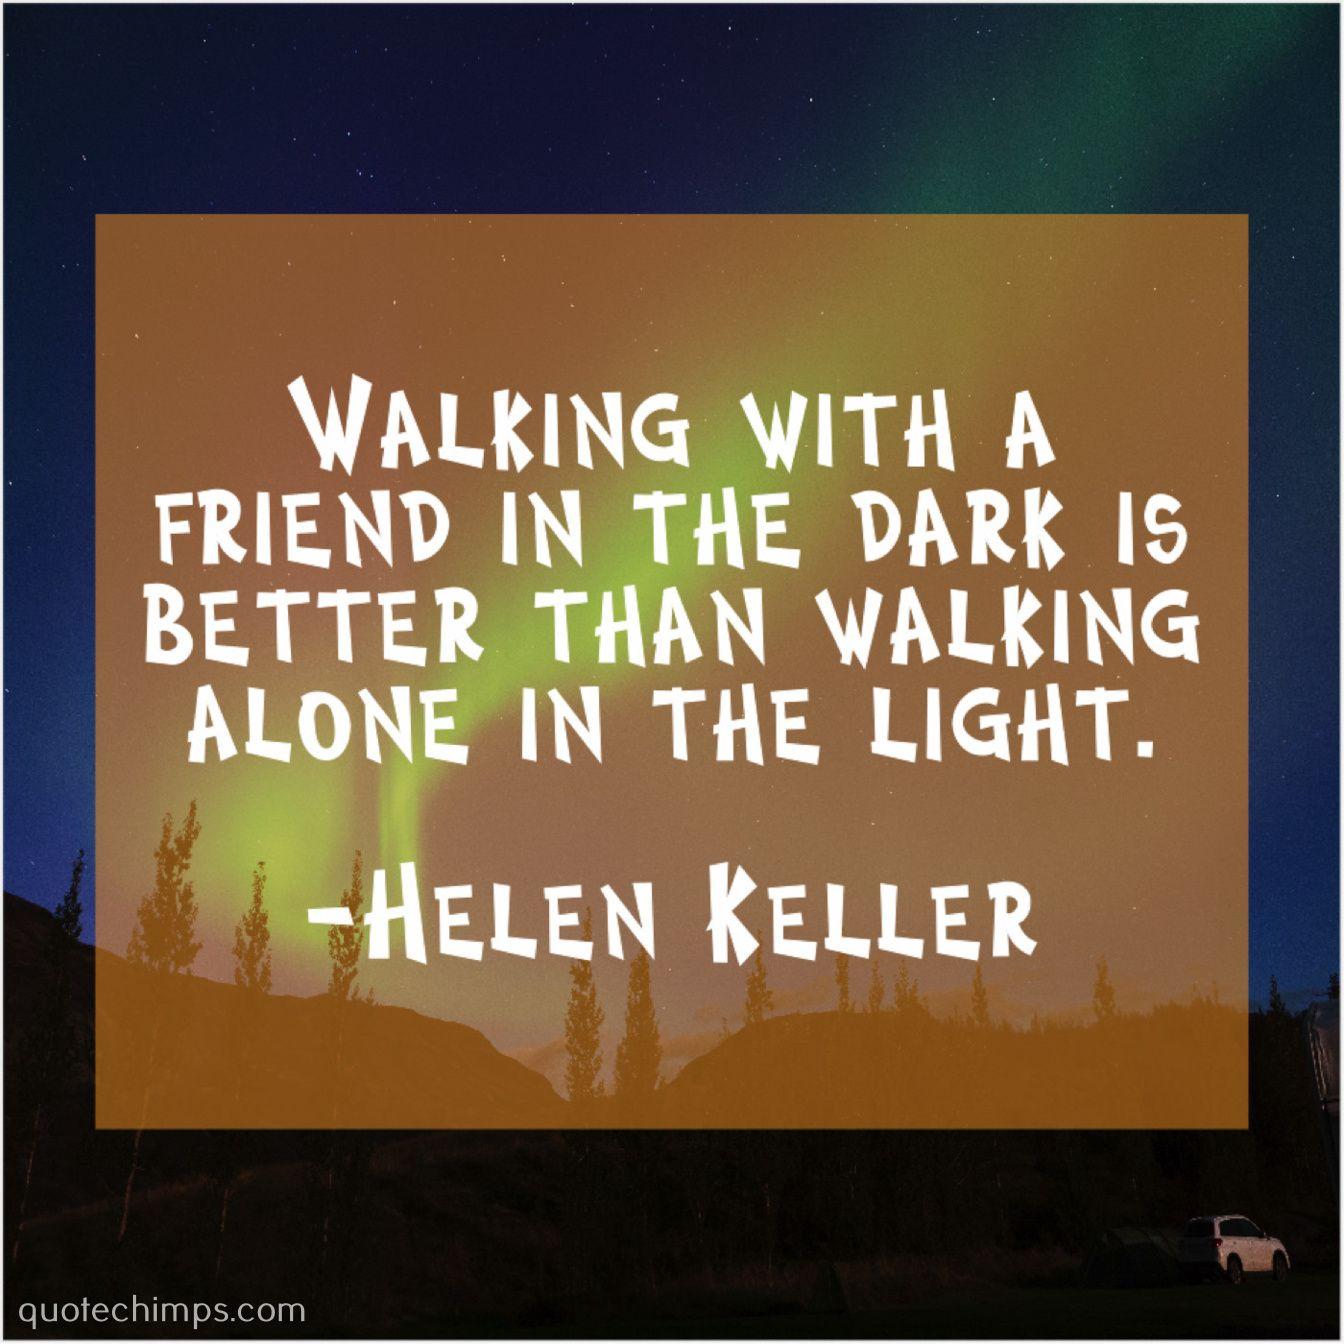 Helen Keller Walking With A Friend In